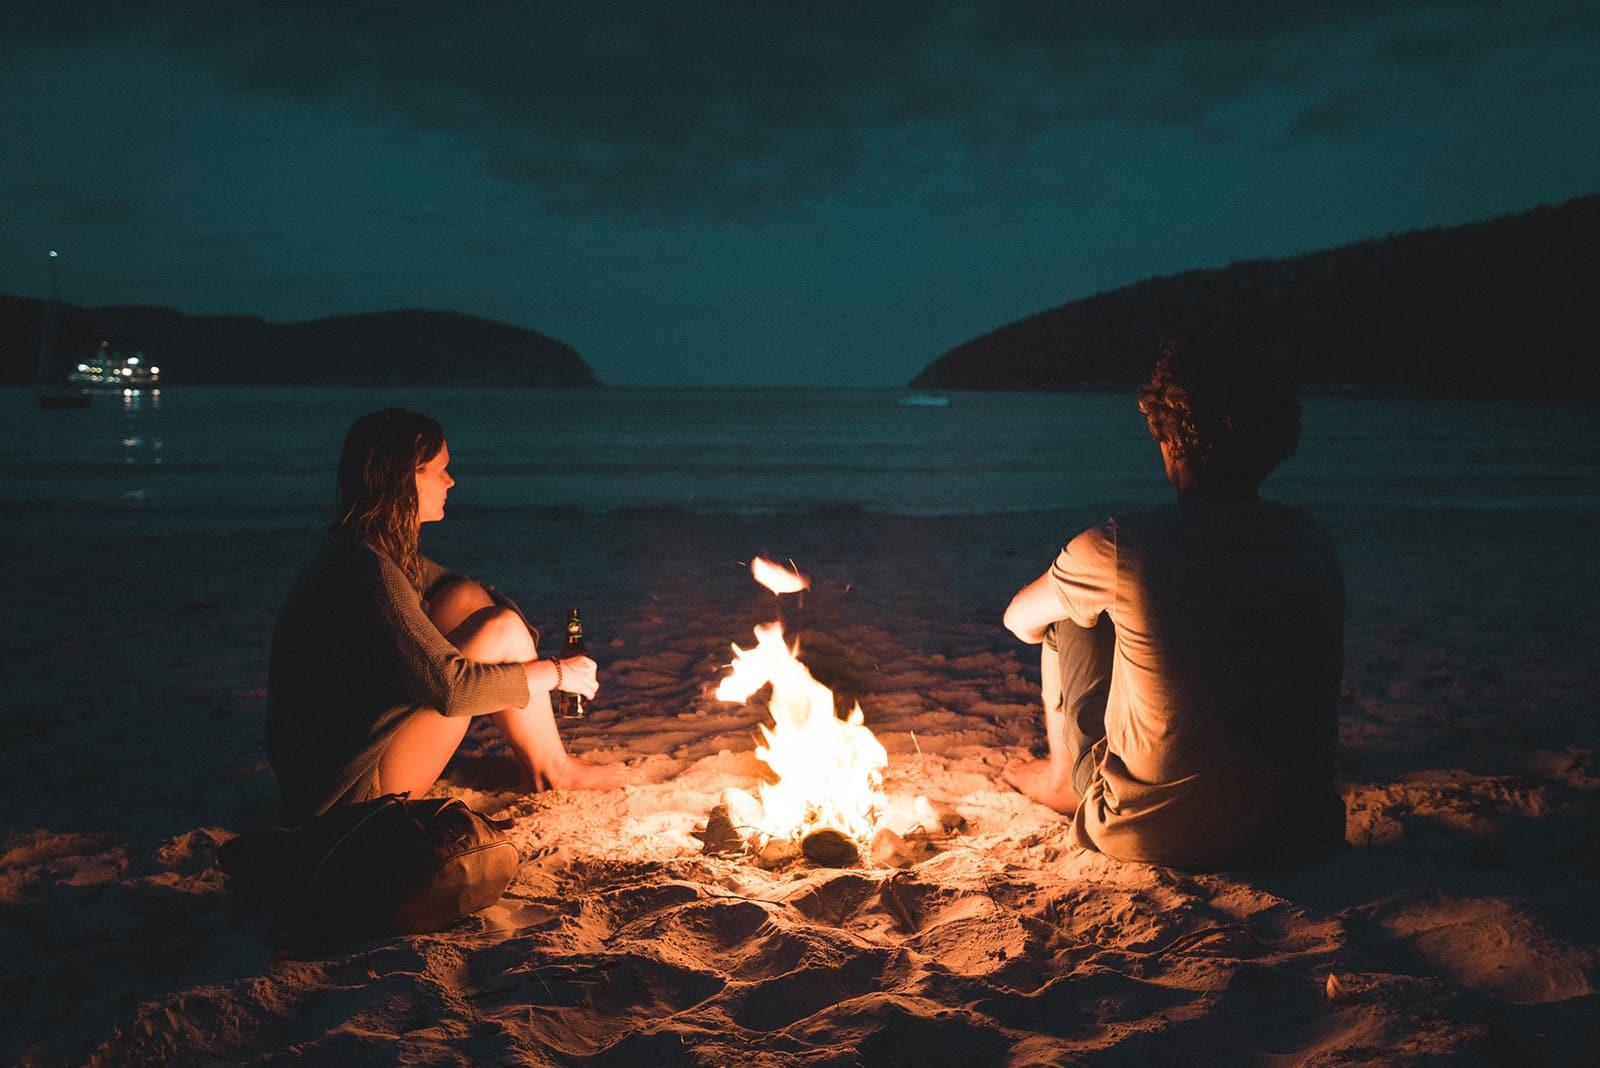 Ein Mann und eine Frau sitzen in der Nähe des Feuers am Strand